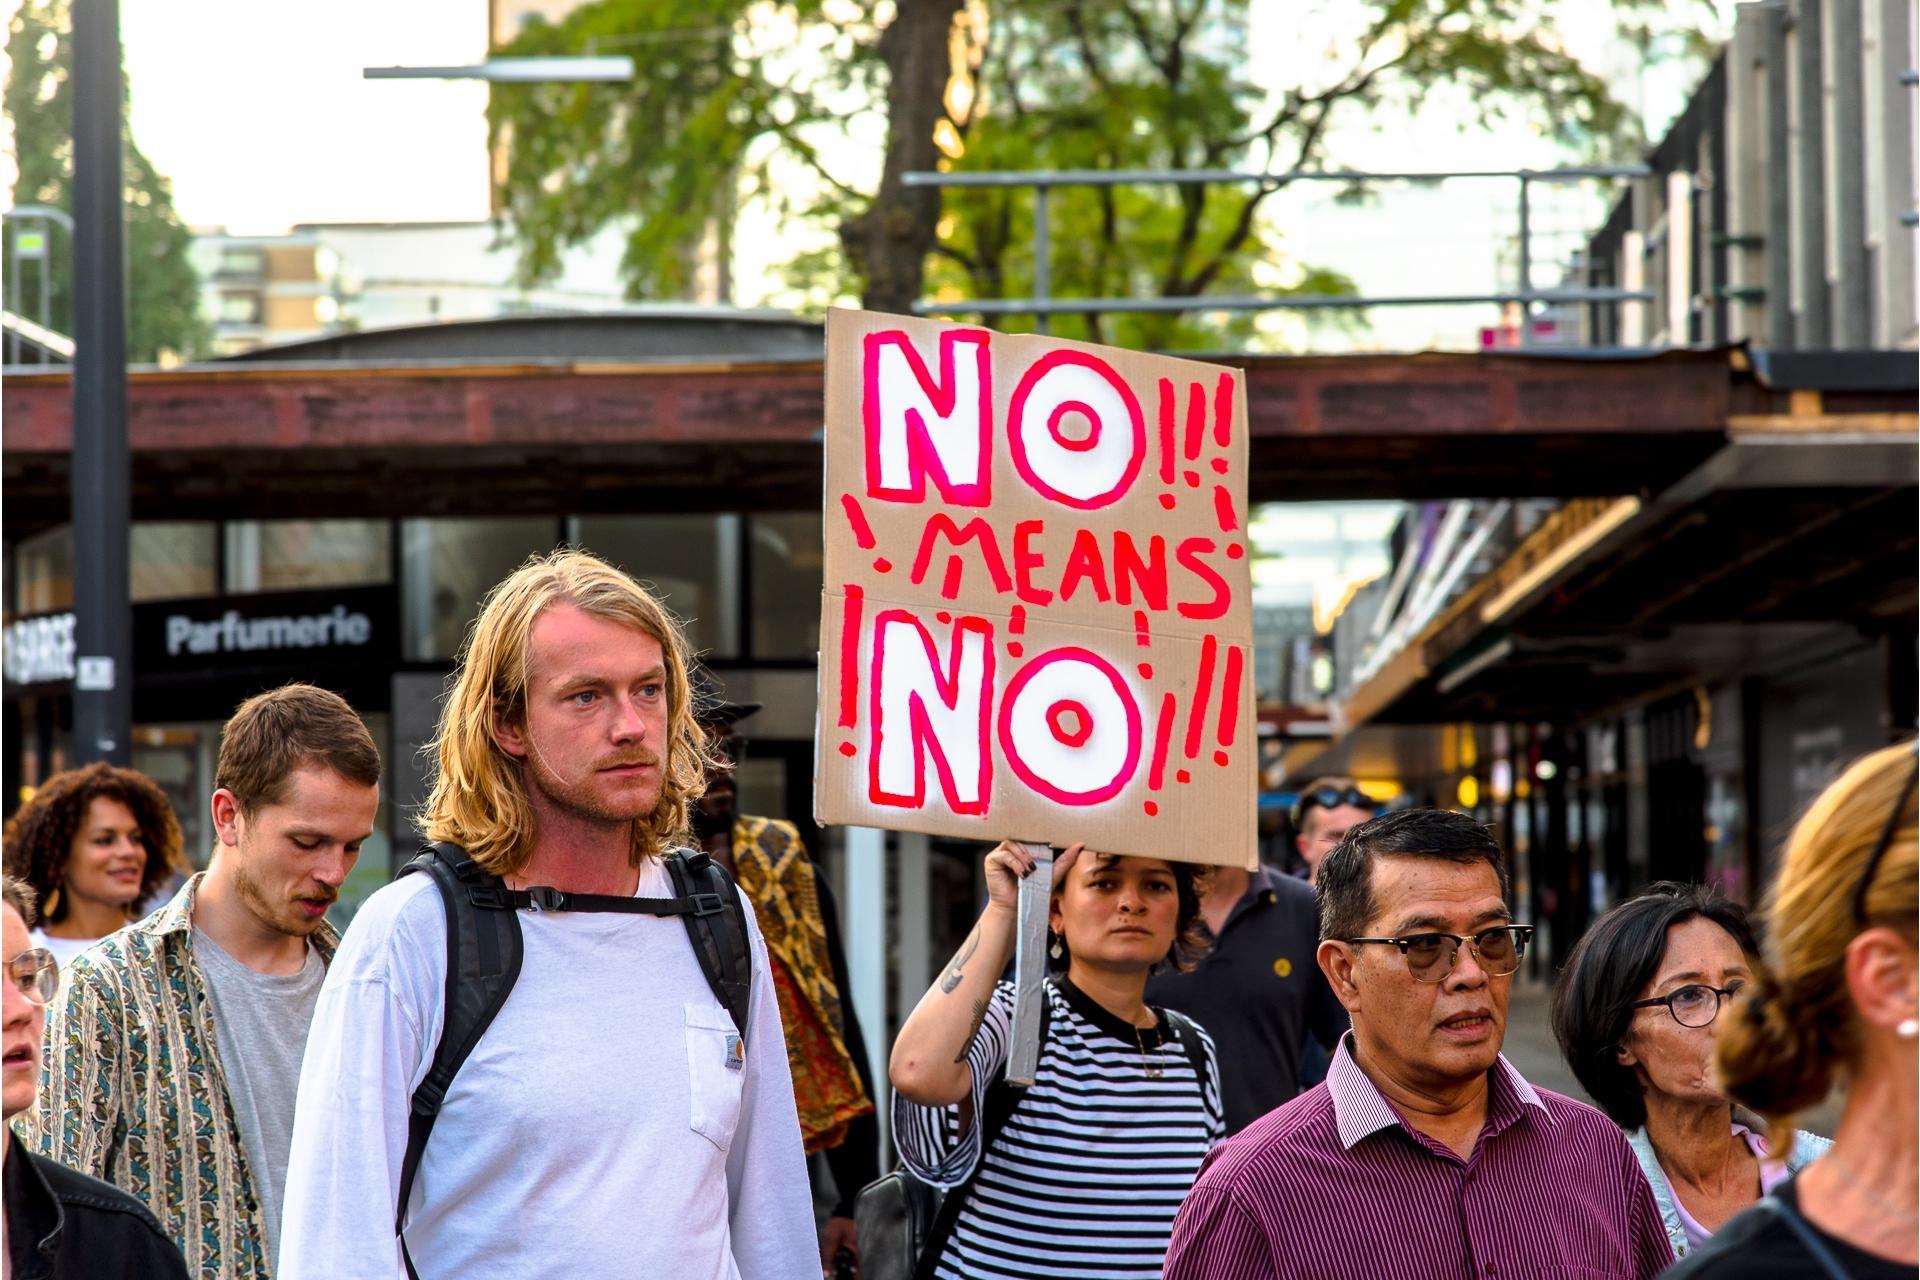 'Geen duidelijk nee' is een excuus voor verkrachting, vindt een op de vijf jonge mannen in Nederland